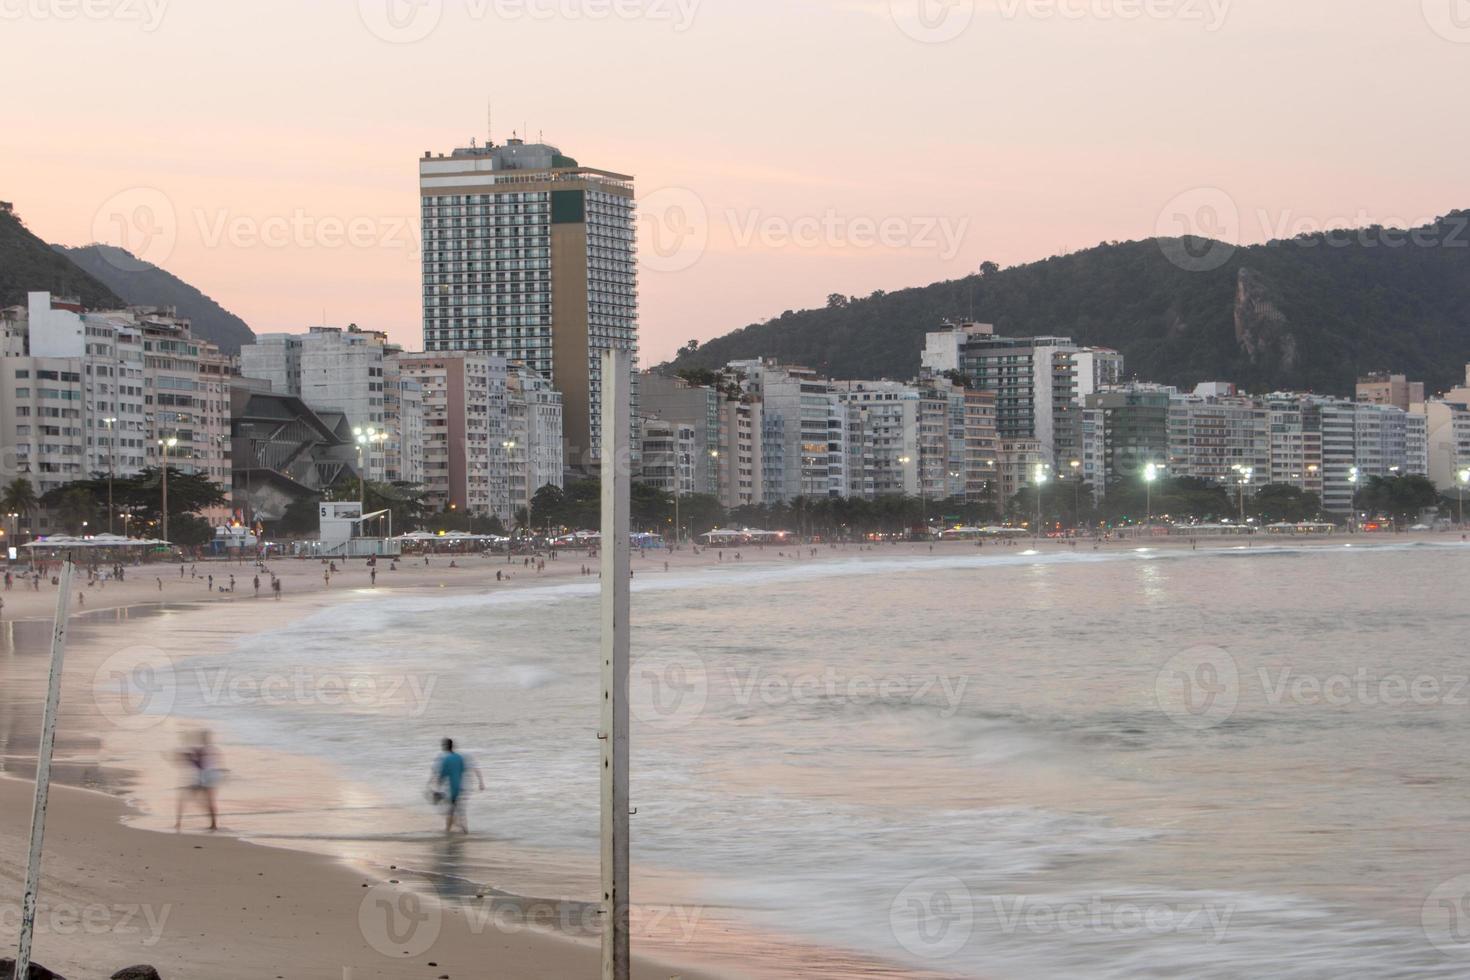 fim de tarde na praia de copacabana no rio de janeiro, brasil foto